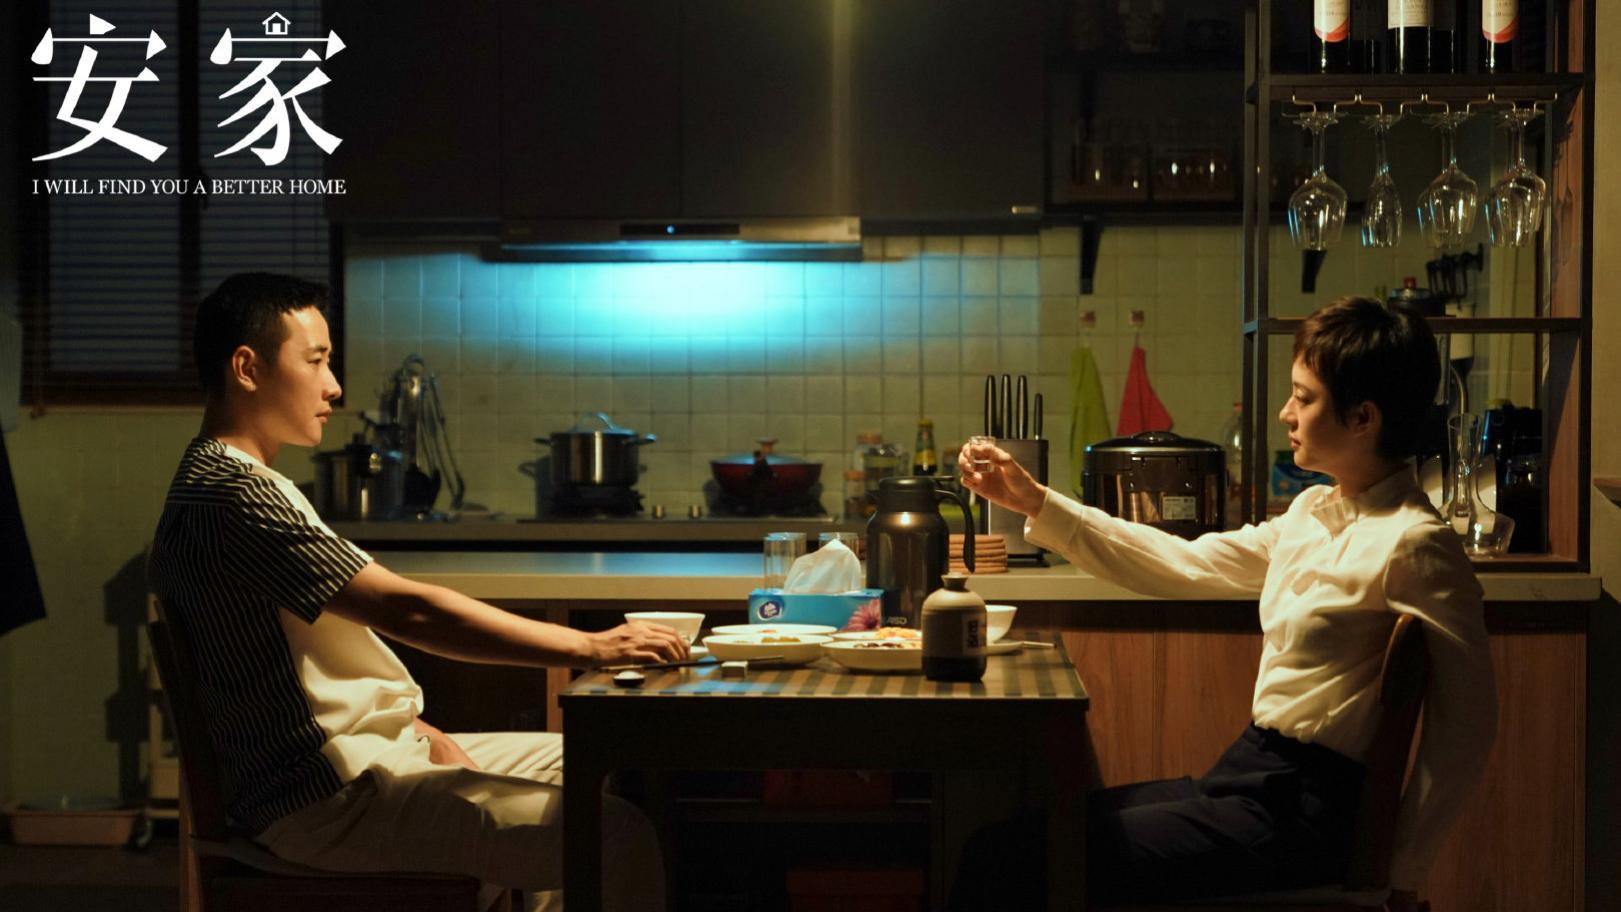 《安家》冷知识:季明亮饰演者真实年龄40岁,导演也在剧中客串